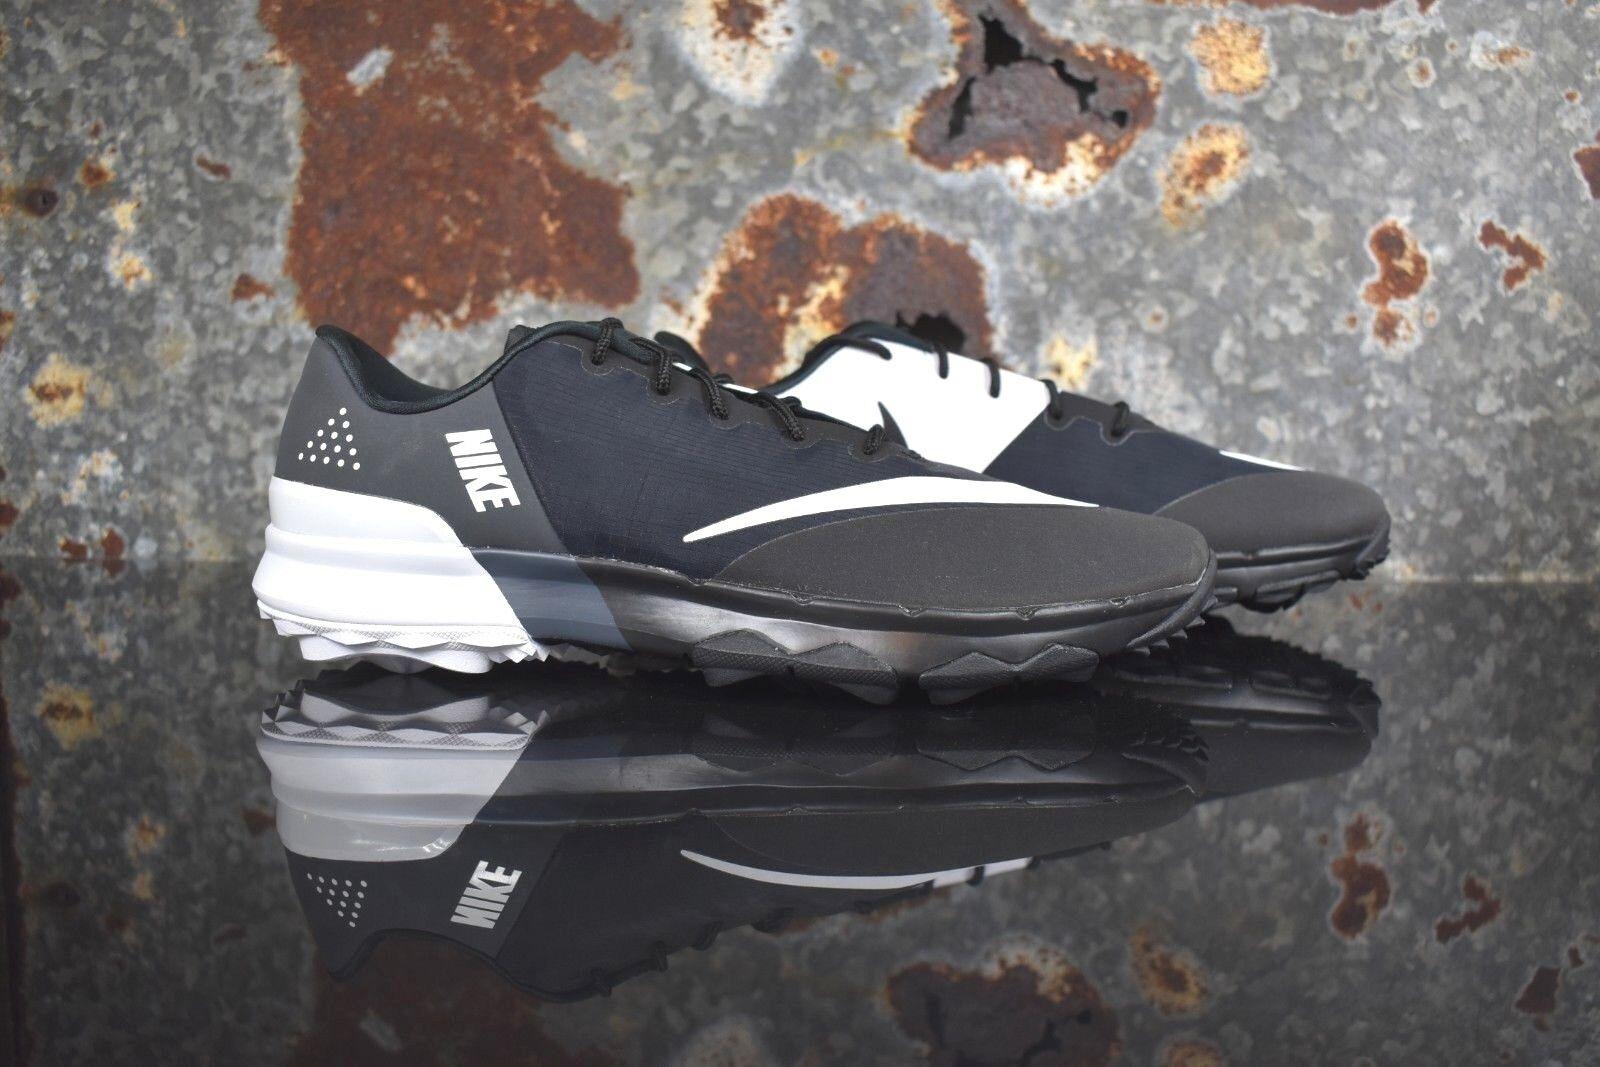 Nuovi uomini nike fi flex golf scorpe 9w bianco nero grigio 849961 001